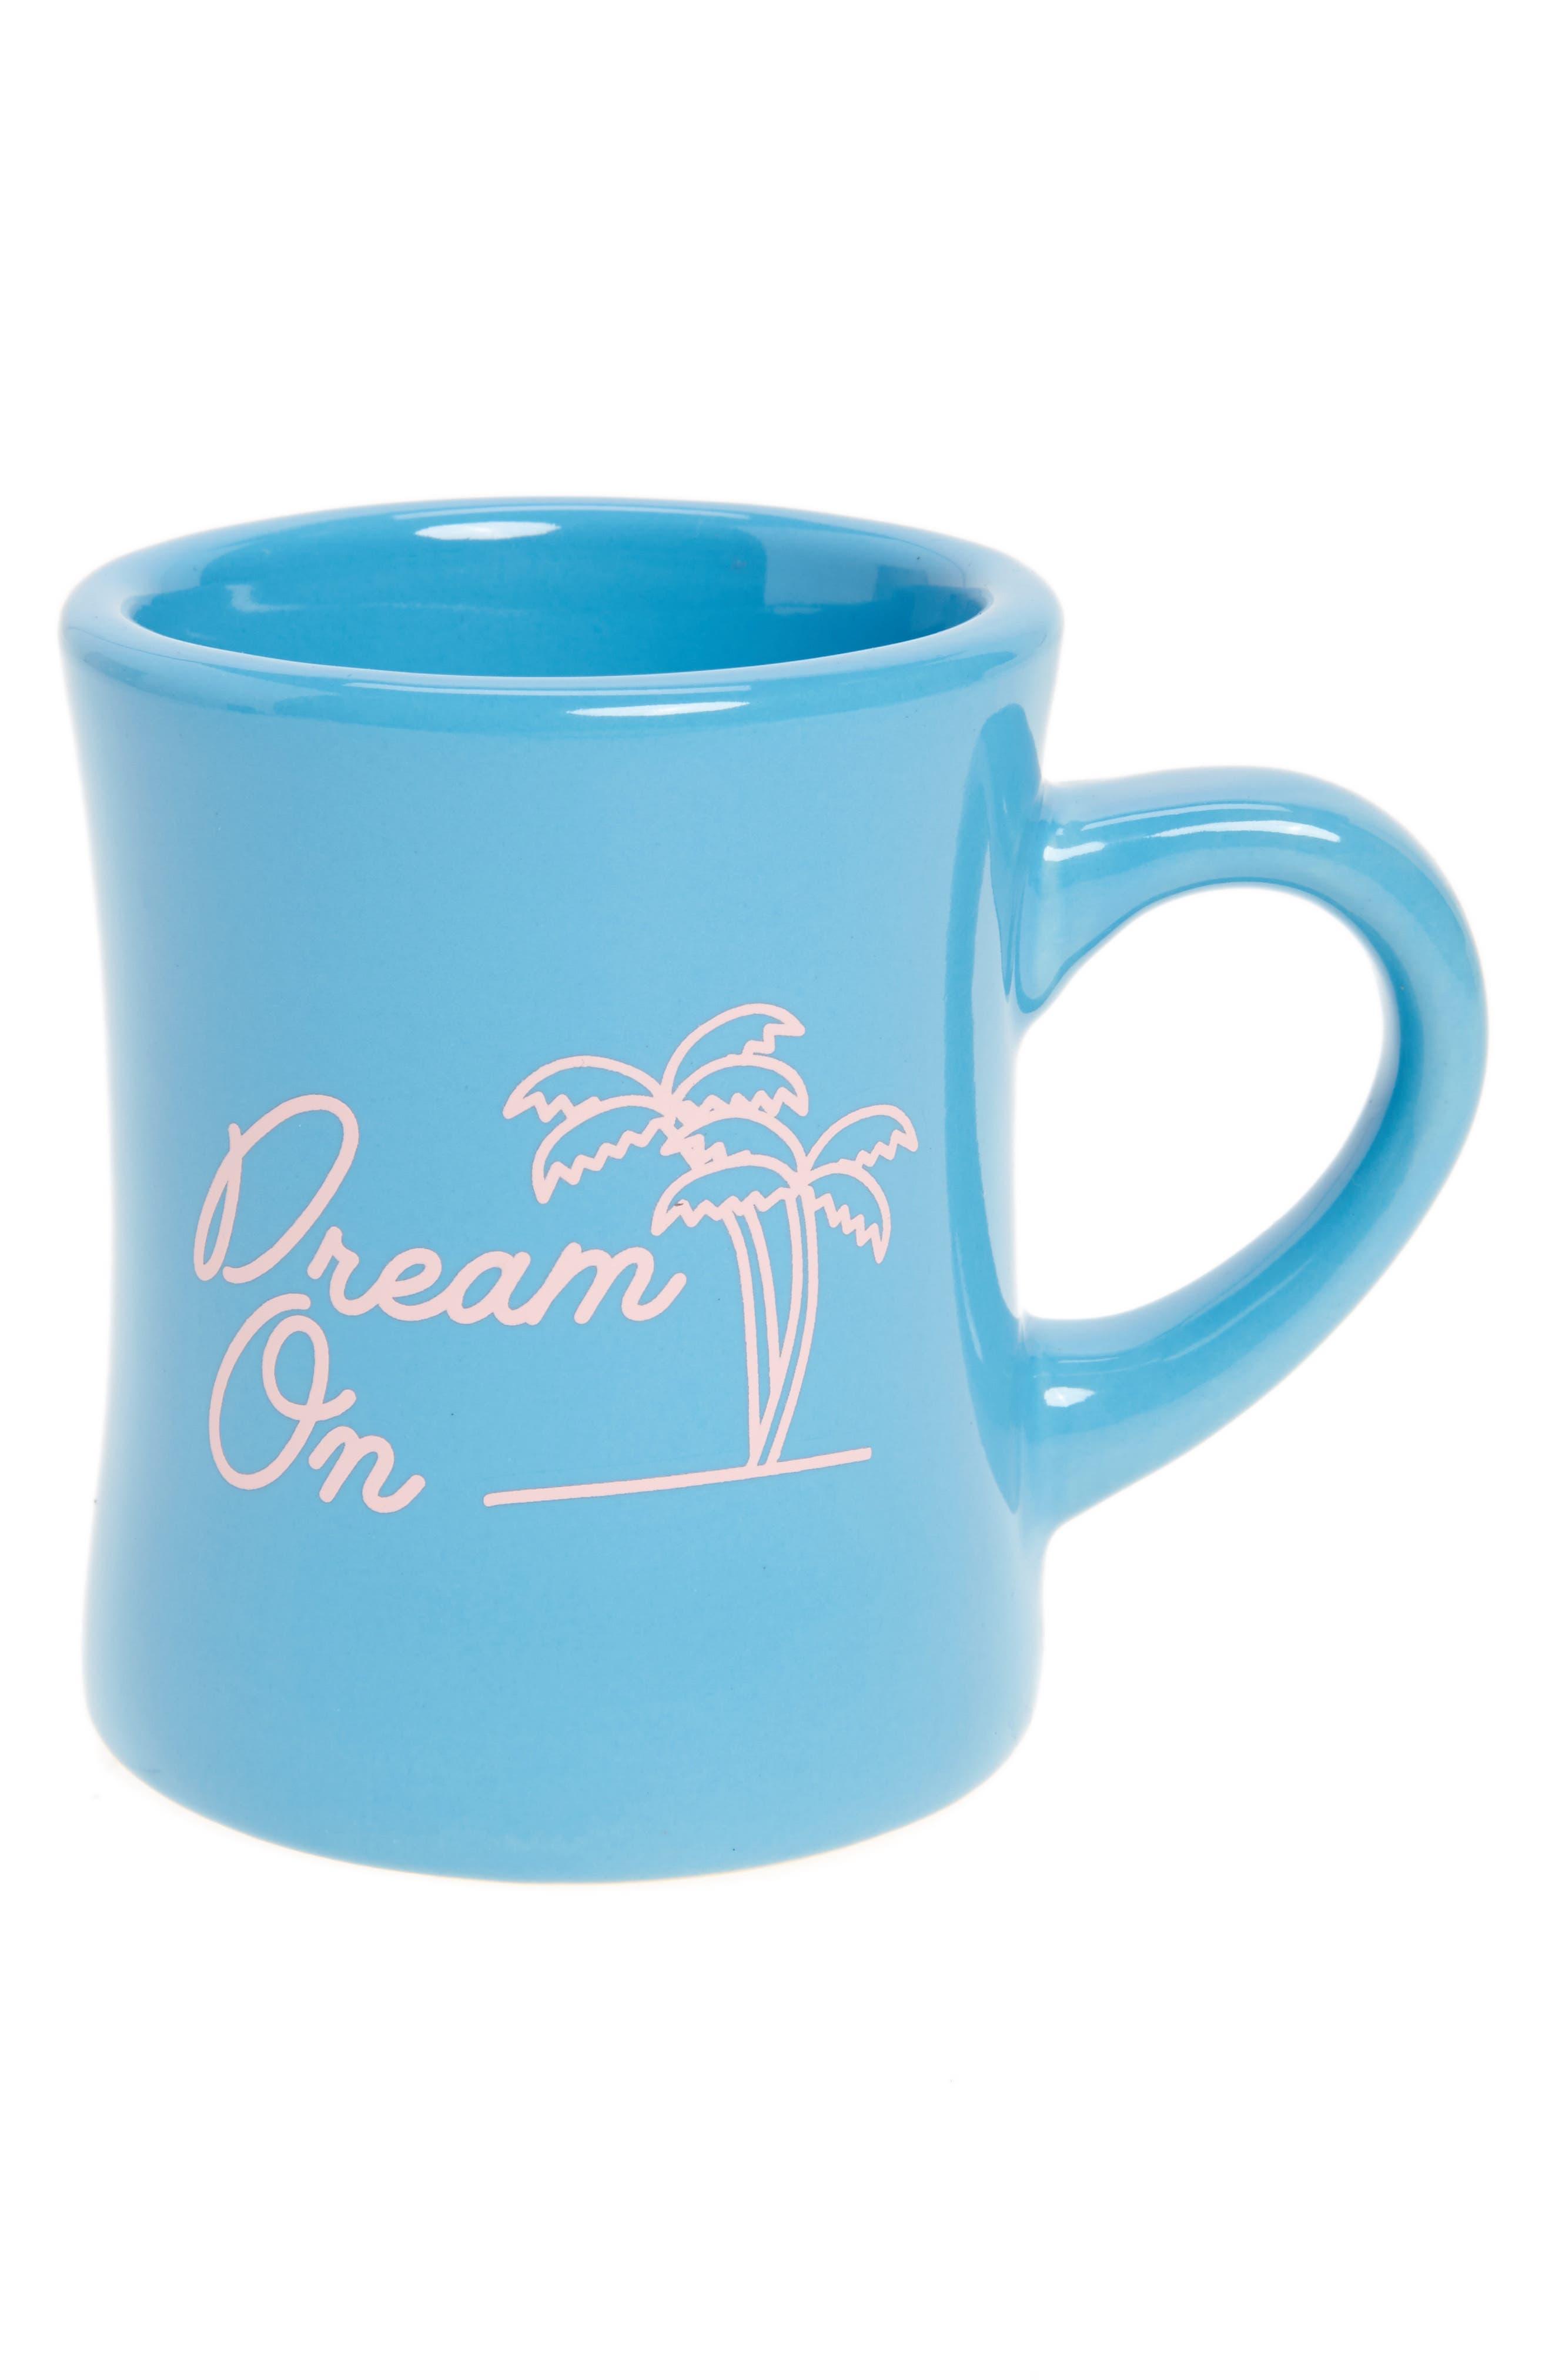 The Created Co. Dream On Ceramic Mug